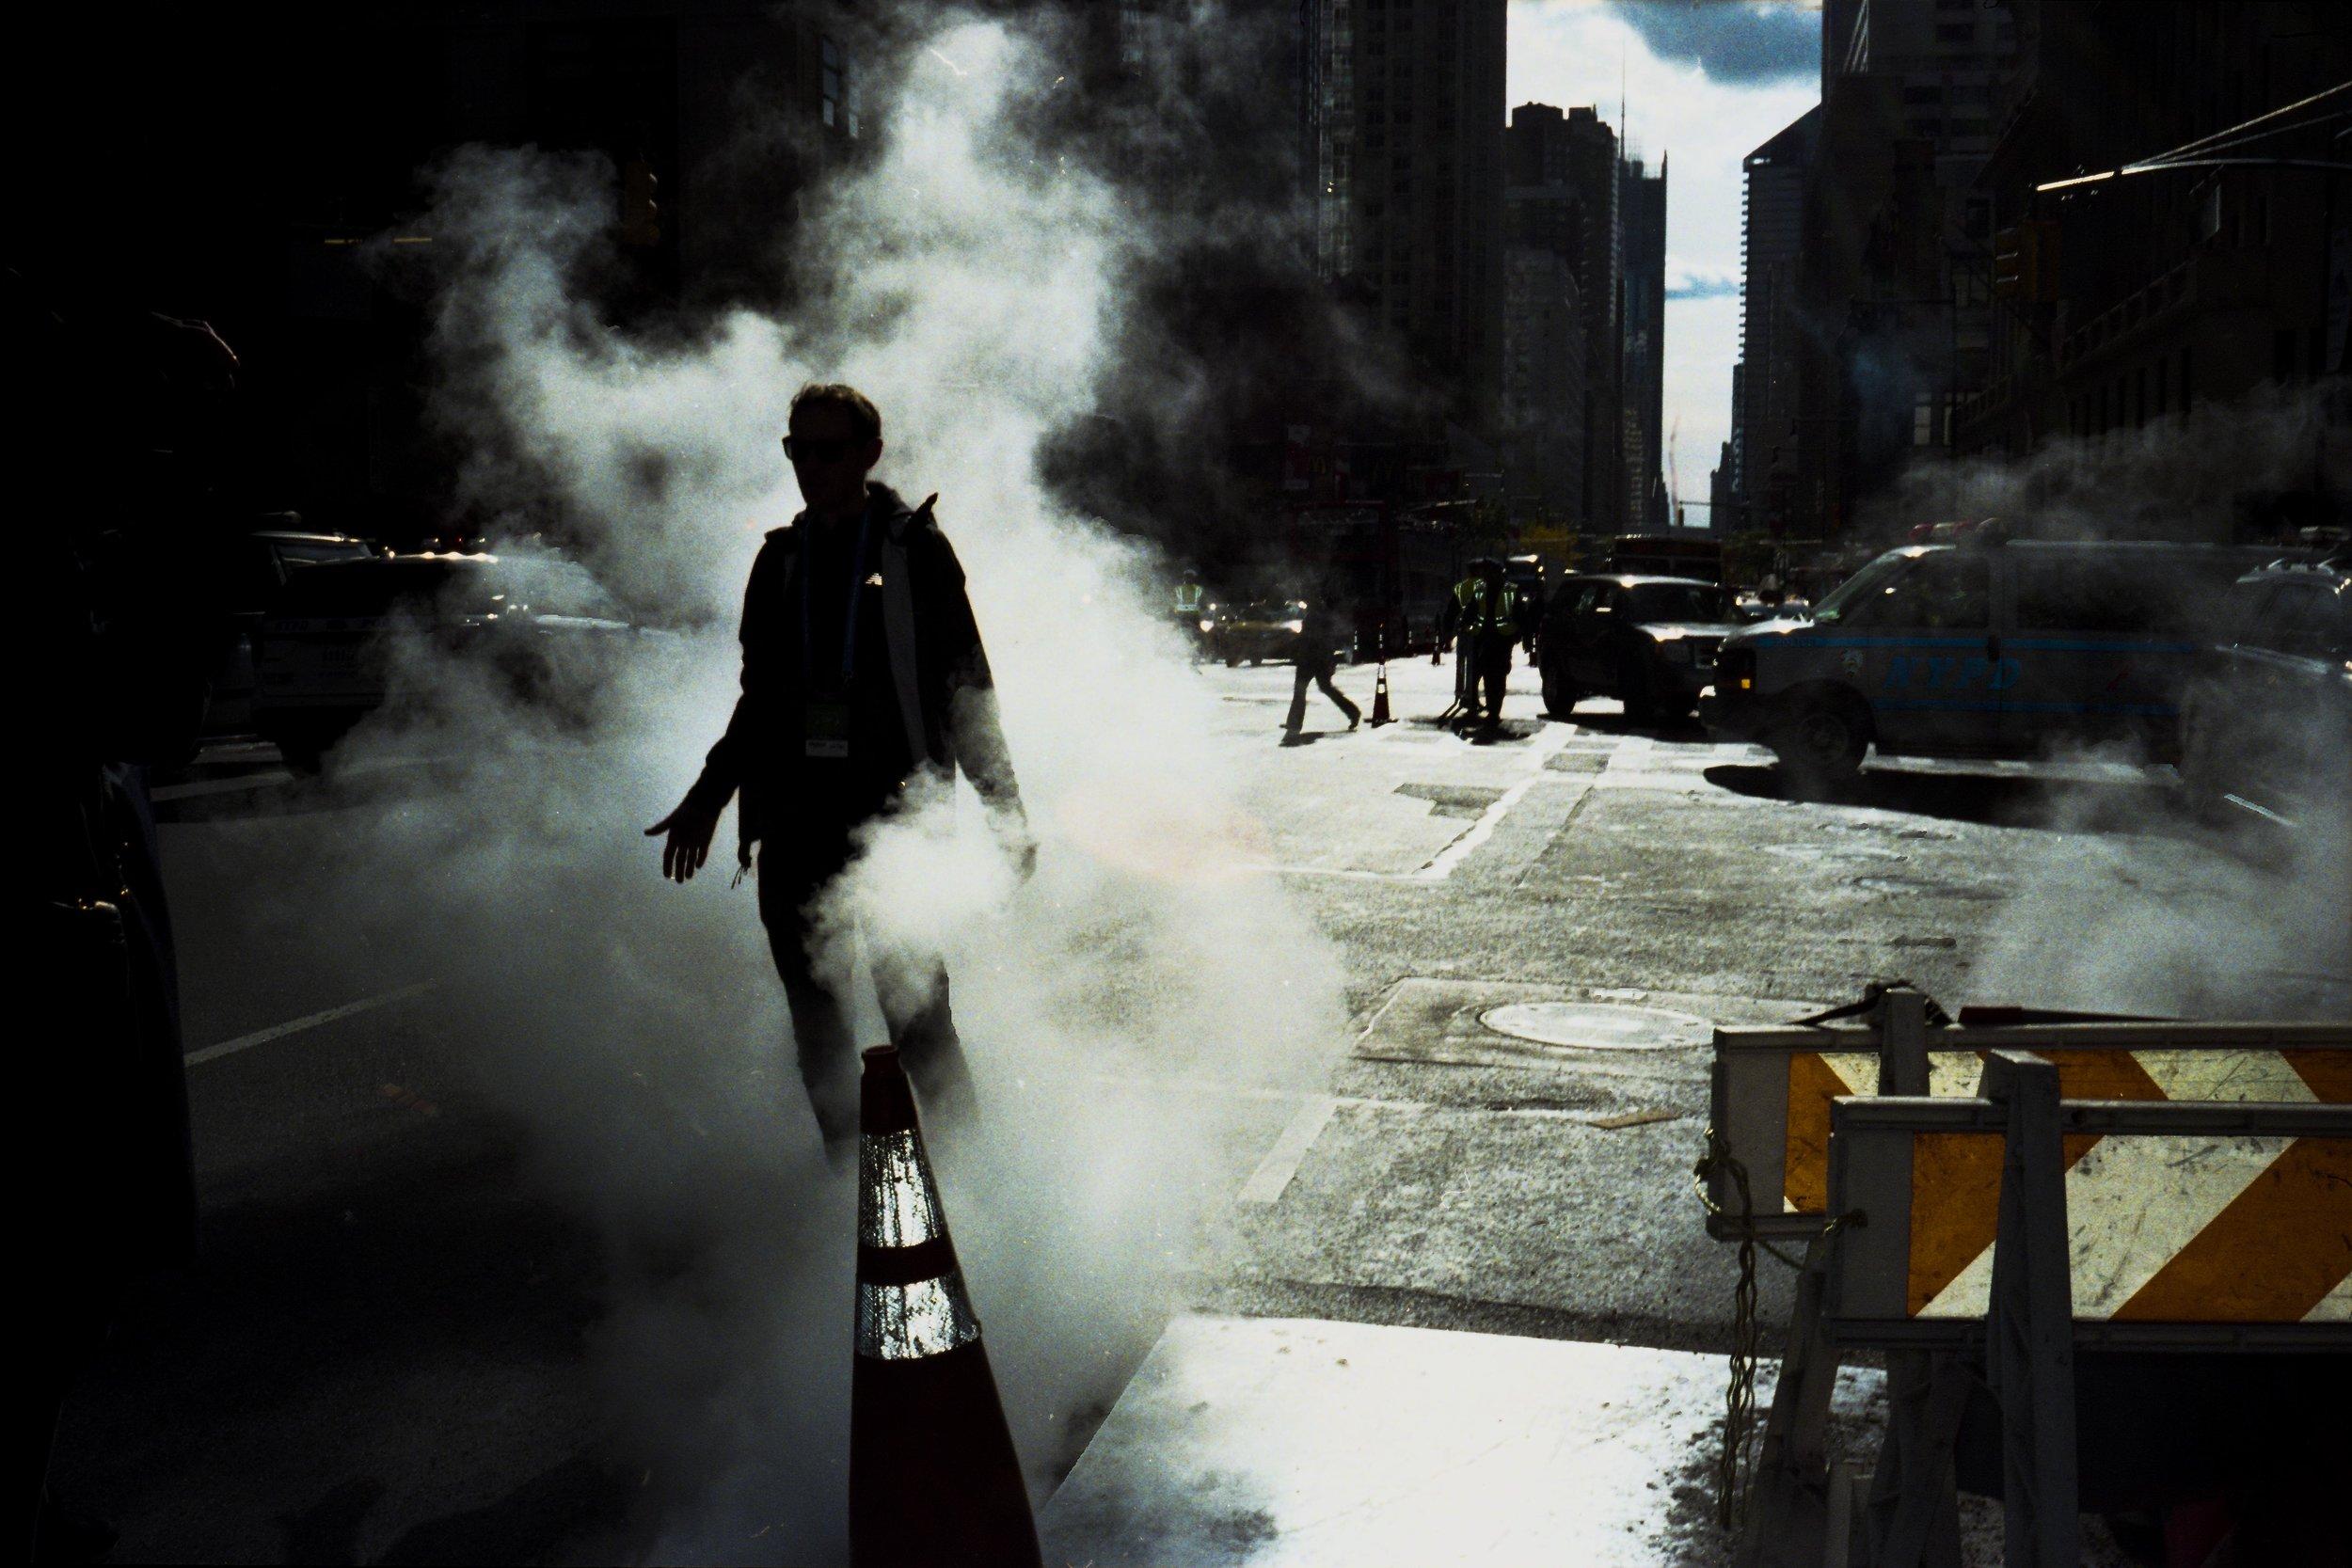 smoke_30269651693_o.jpg